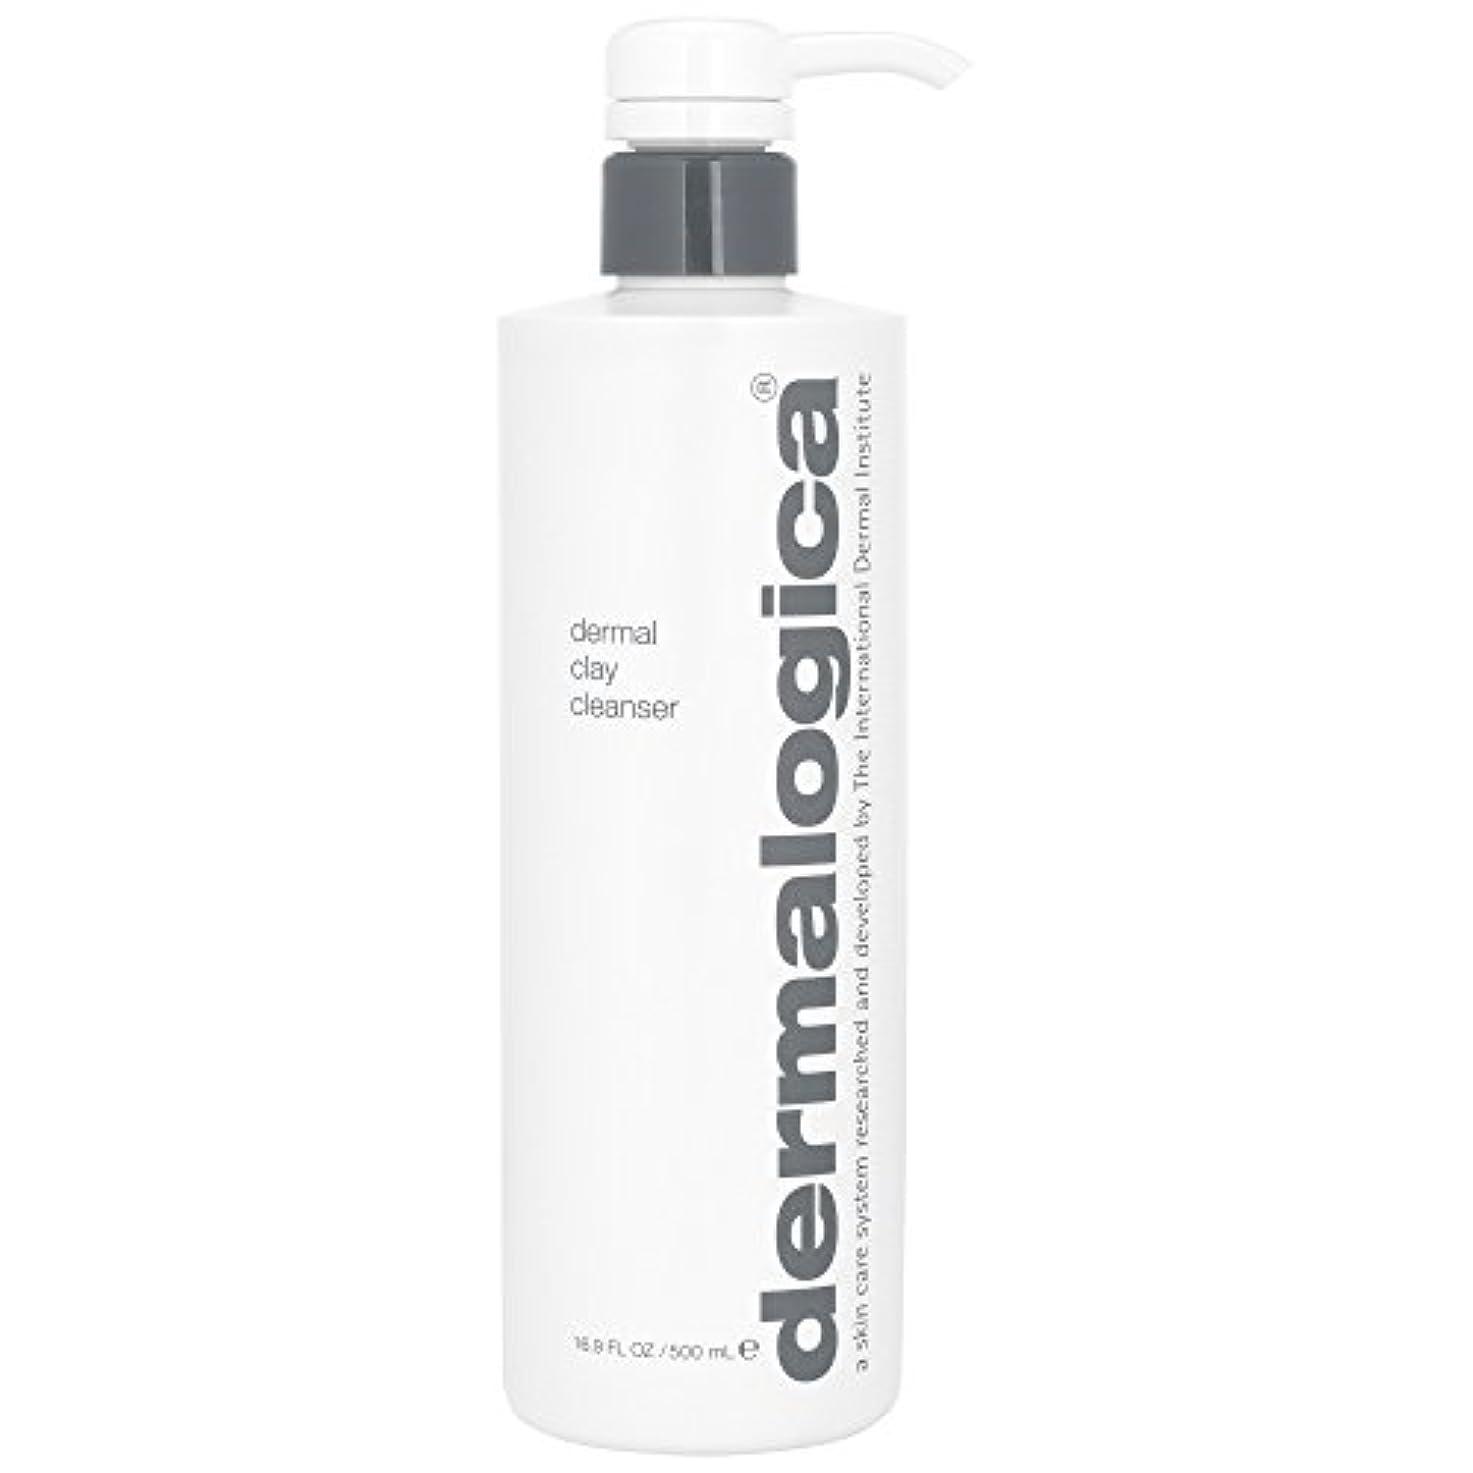 接触悲惨ダメージダーマロジカ真皮クレイクレンザー500ミリリットル (Dermalogica) (x2) - Dermalogica Dermal Clay Cleanser 500ml (Pack of 2) [並行輸入品]